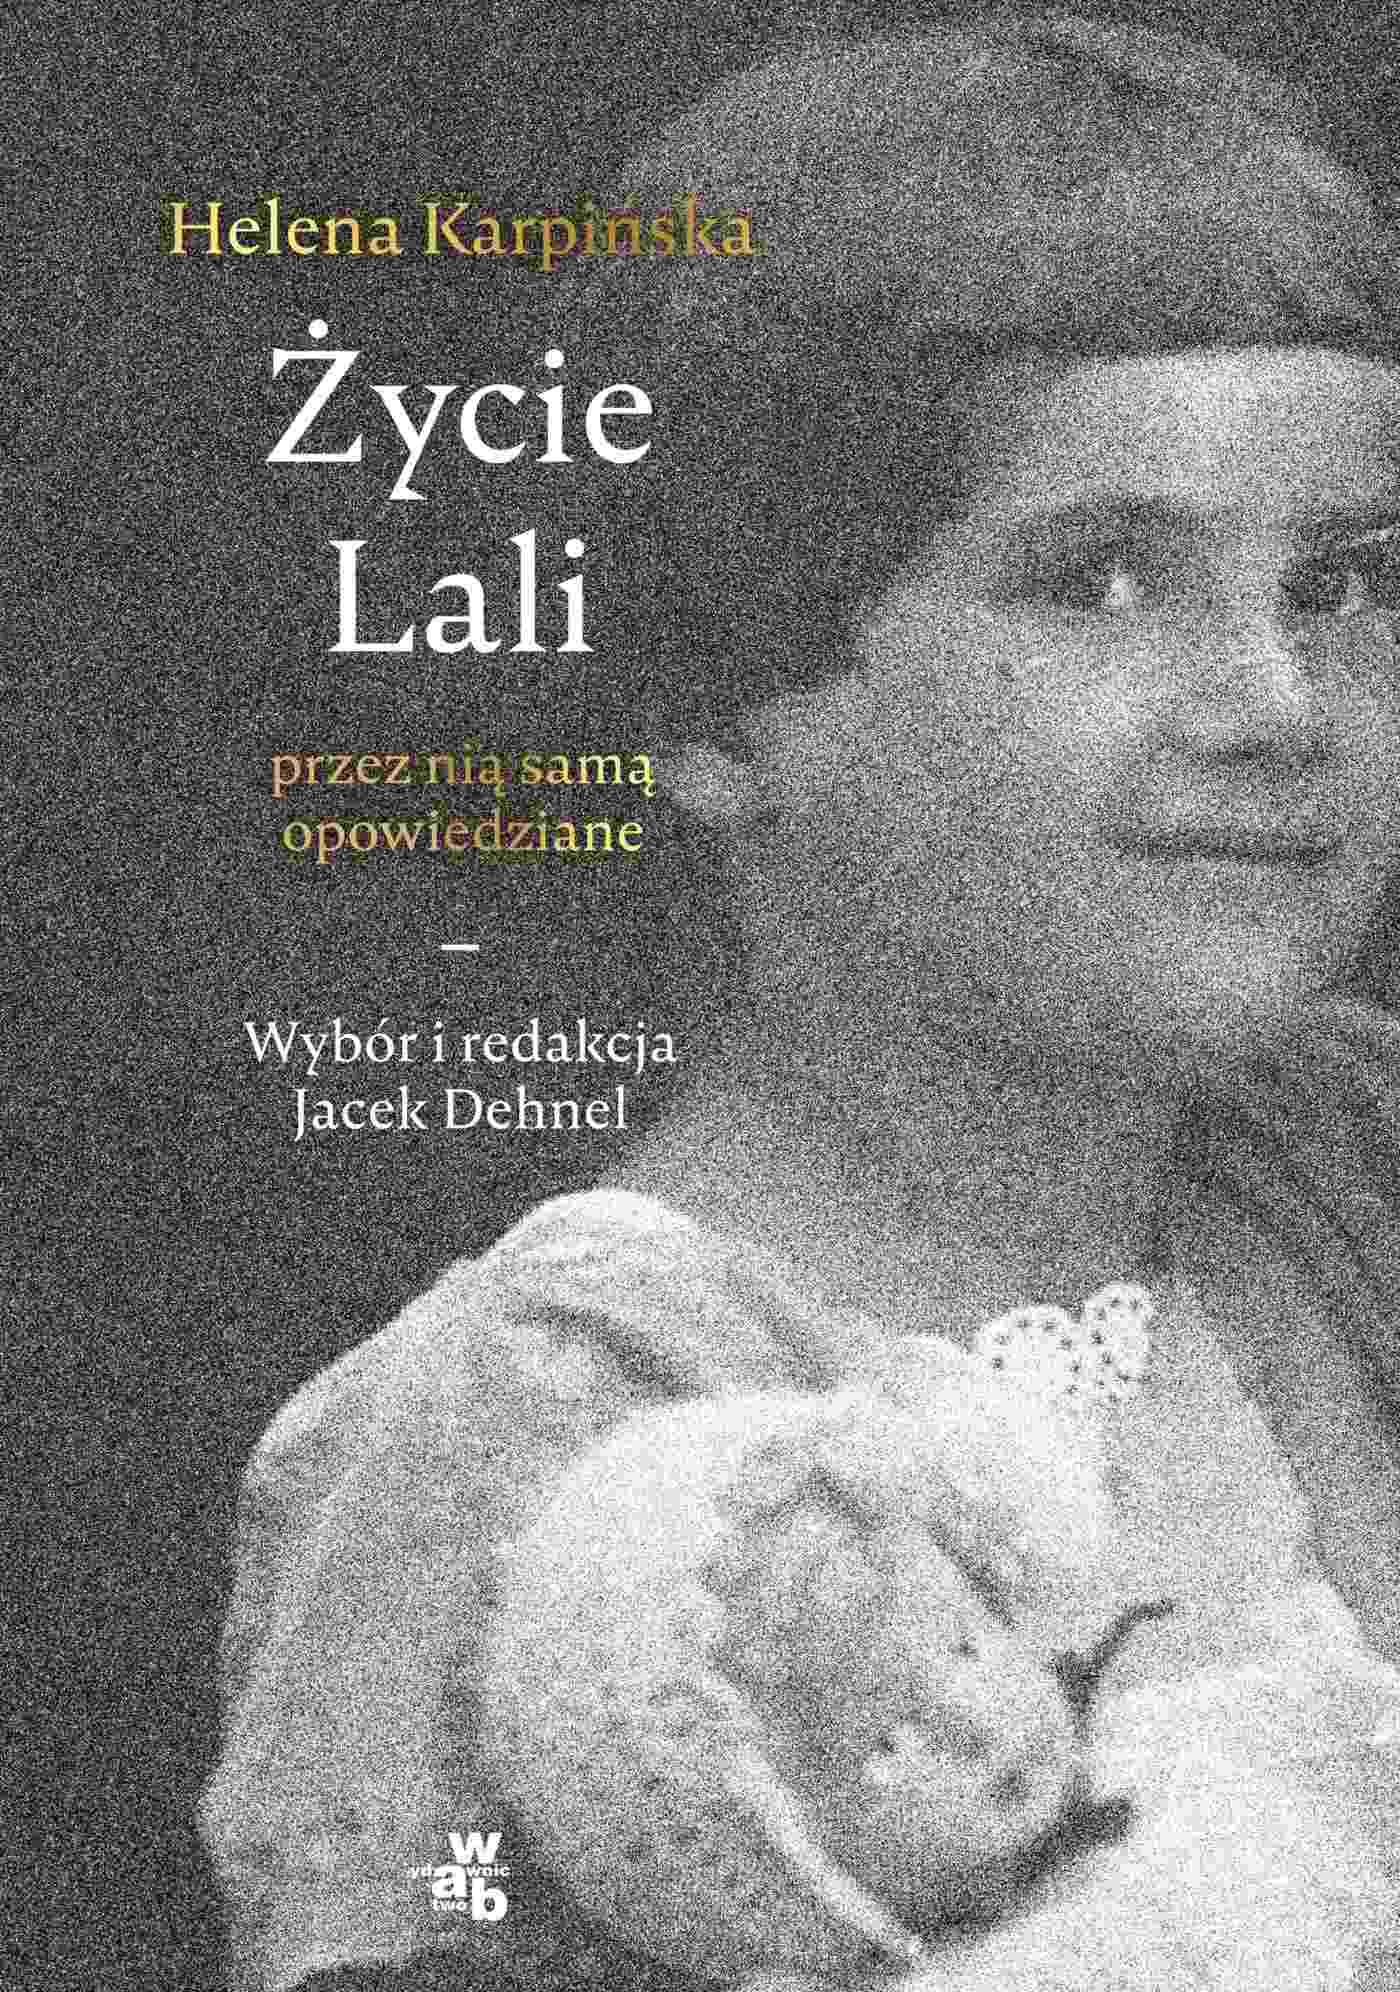 Życie Lali przez nią samą opowiedziane - Ebook (Książka EPUB) do pobrania w formacie EPUB